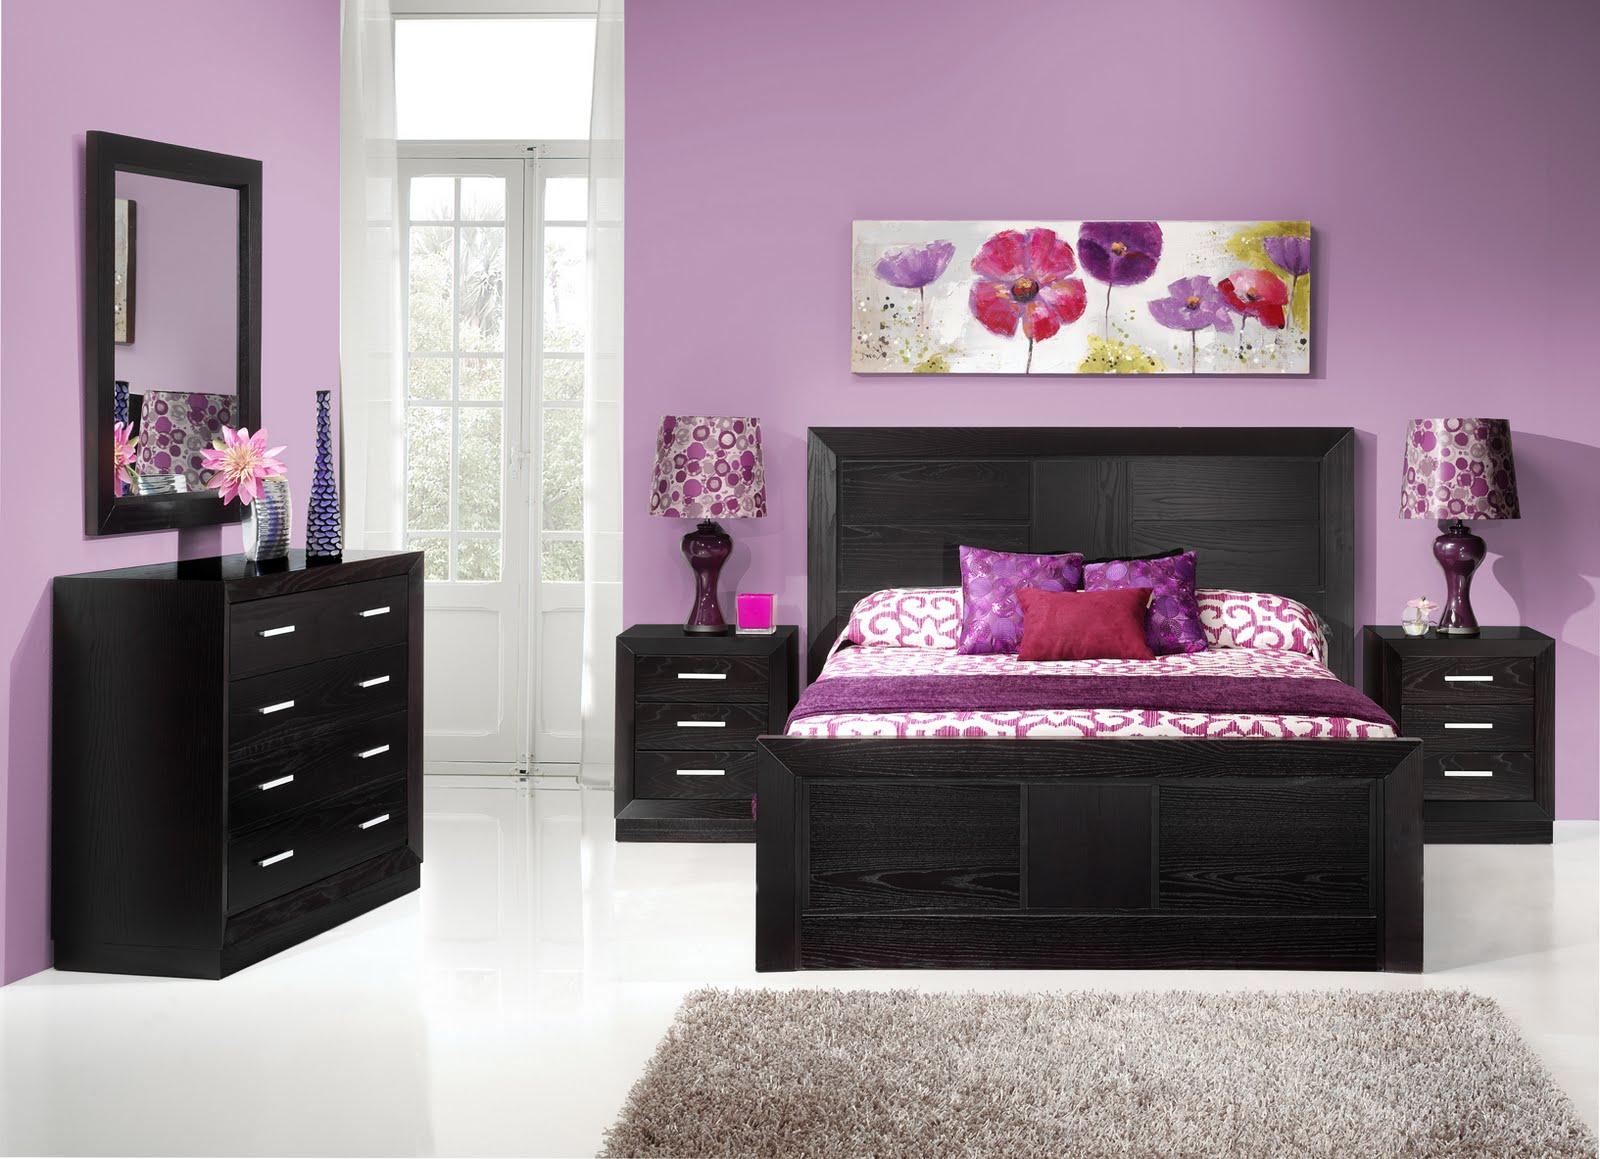 Modelos de dormitorios imagui for Modelos de decoracion de dormitorios